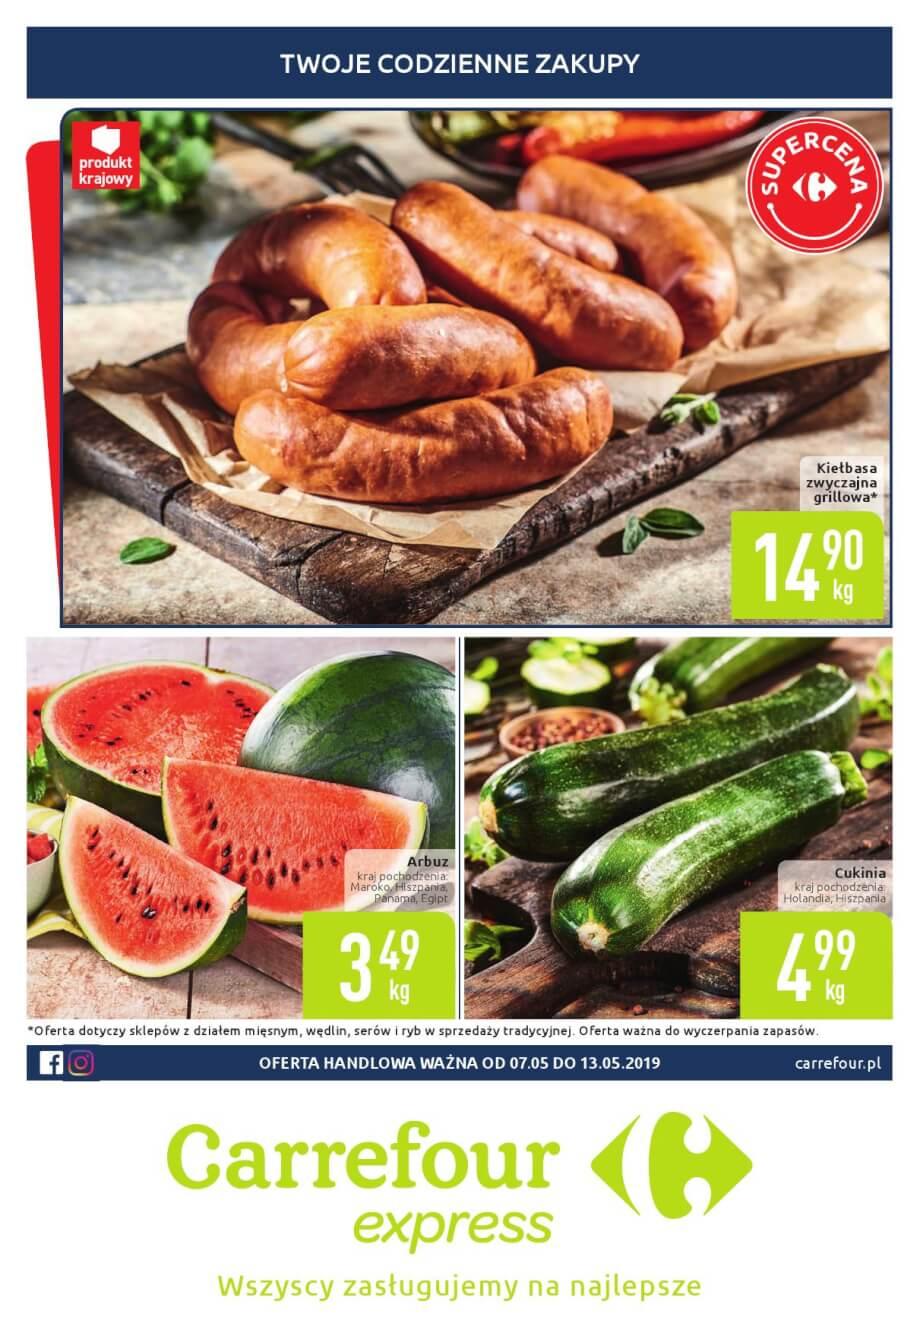 Carrefour Express, gazetka do 13.05.2019  s1